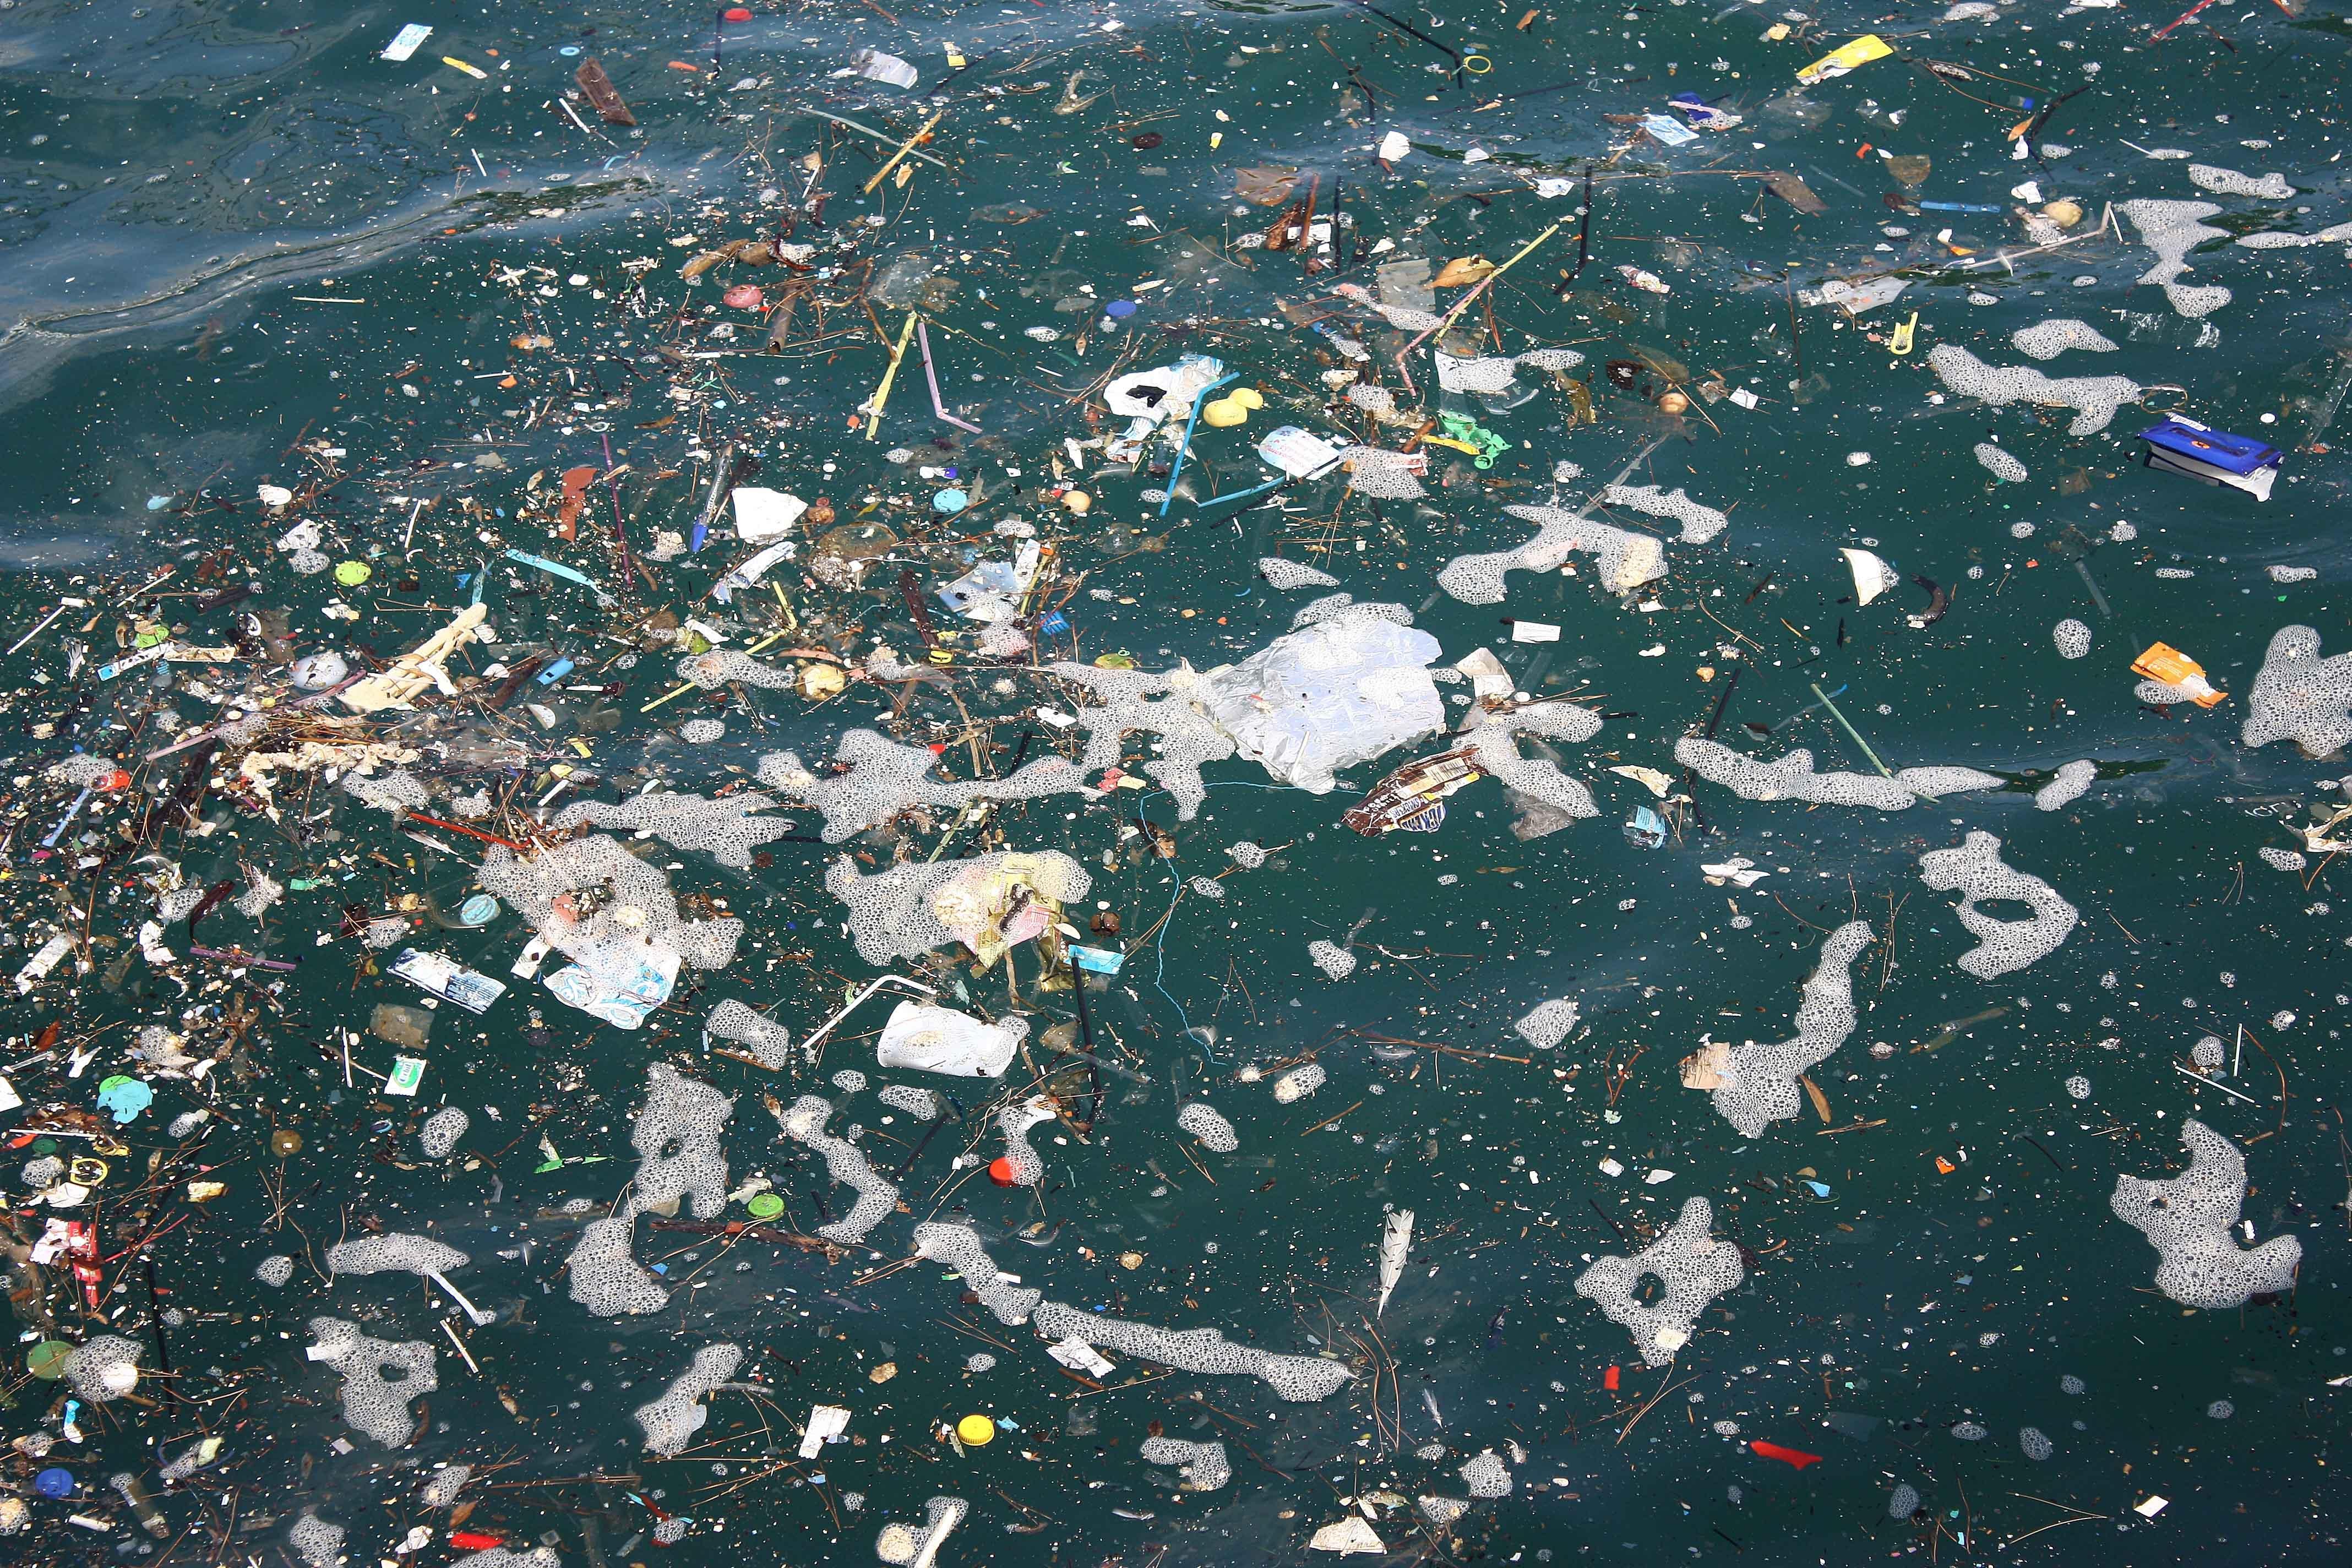 Mar con muchos residuos